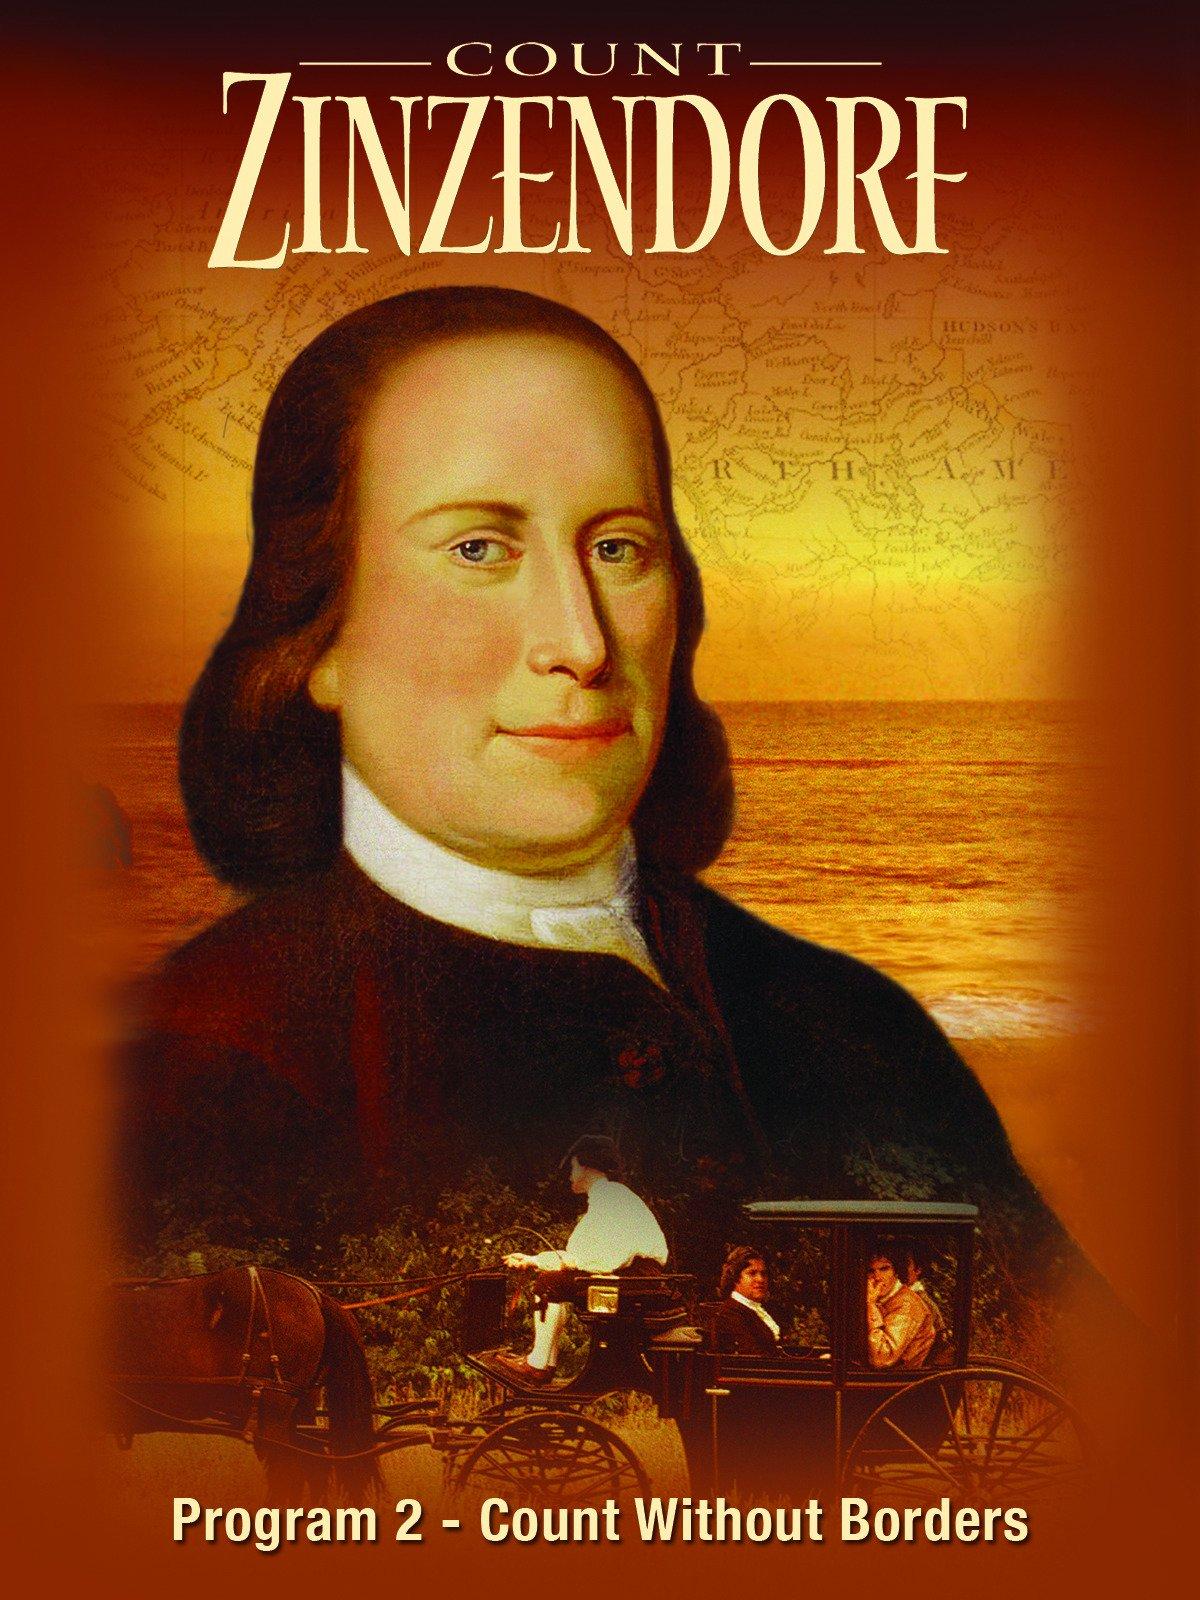 Count Zinzendorf Program 2